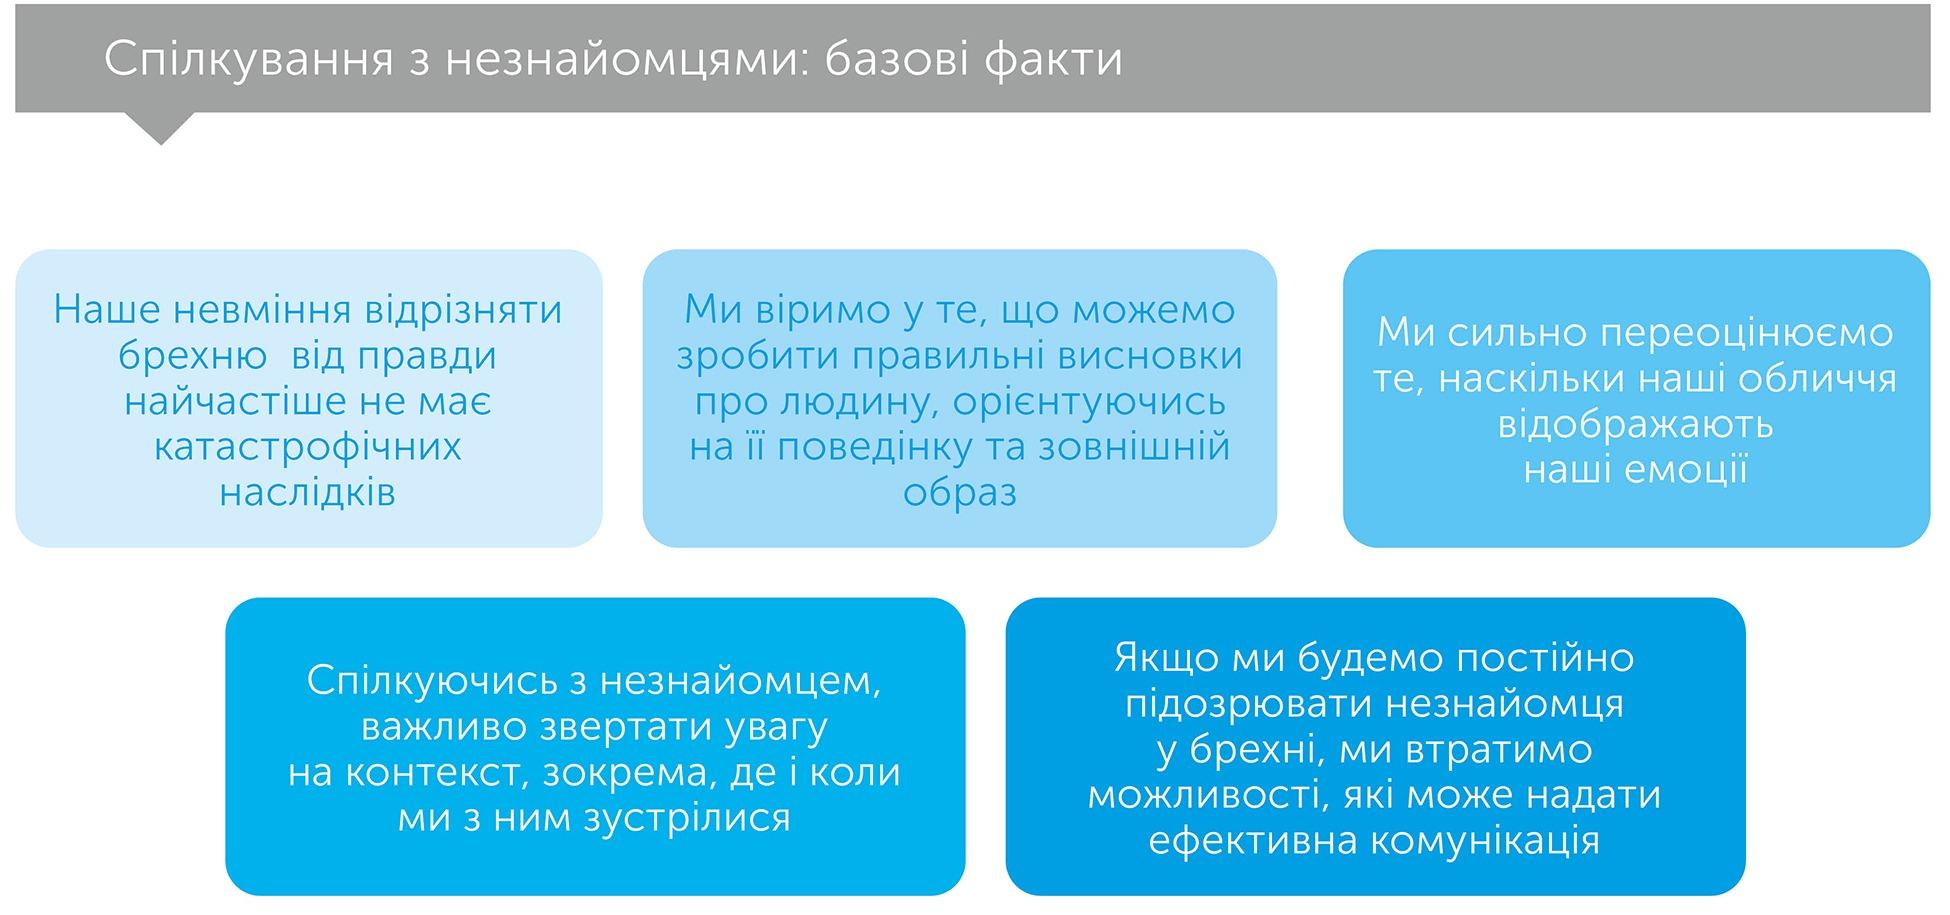 Розмова з незнайомцями, автор Малкольм Гладуелл   Kyivstar Business Hub, зображення №2